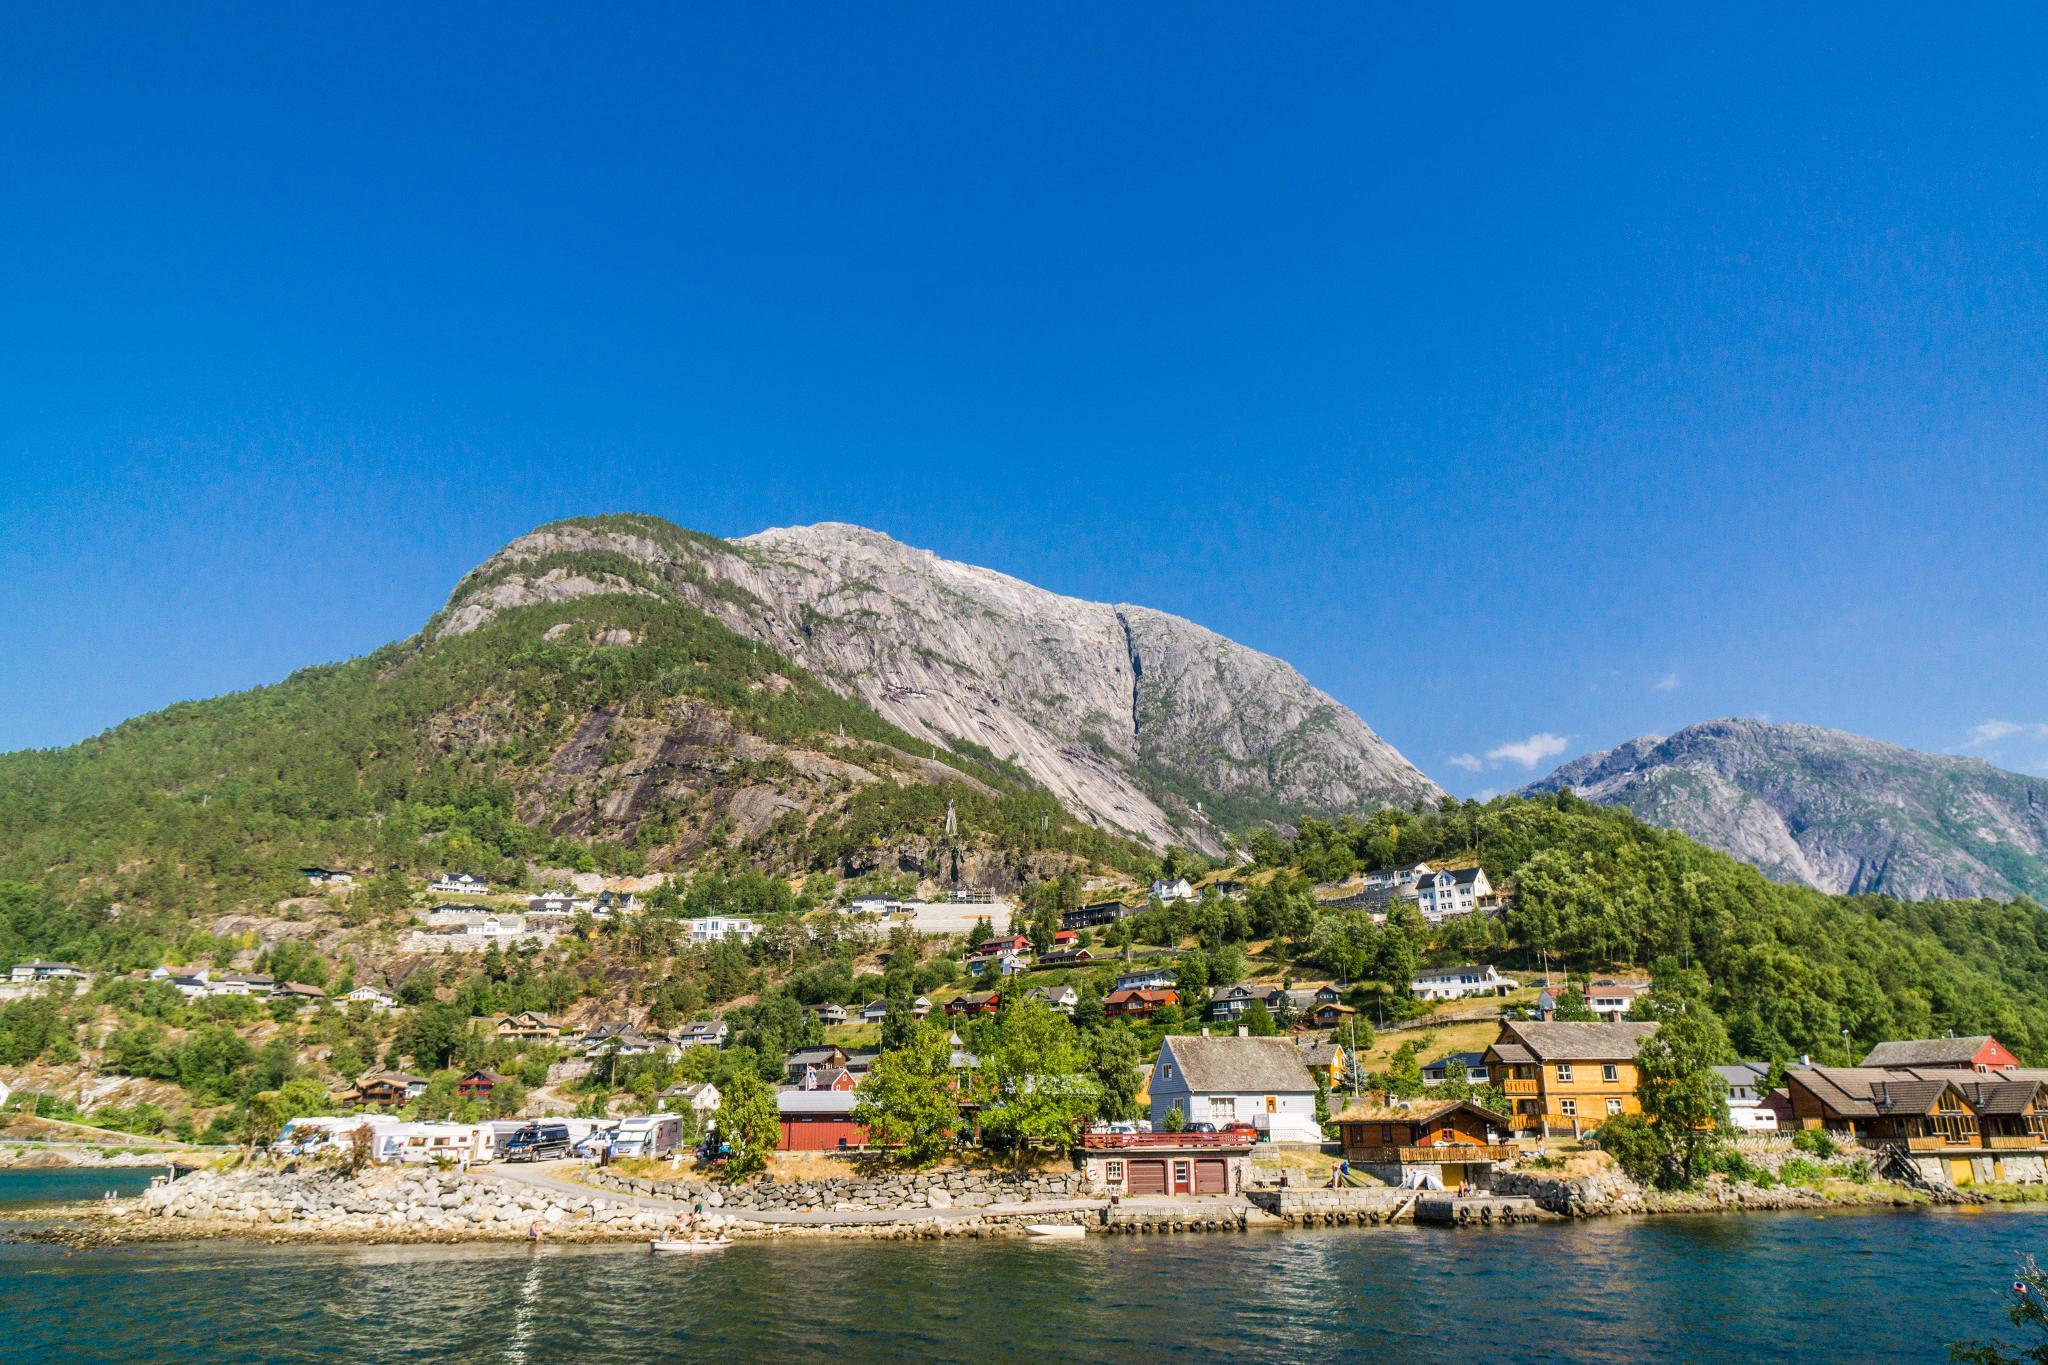 【北歐景點】哈丹格峽灣探秘:Eidfjord小鎮的無限風光 7